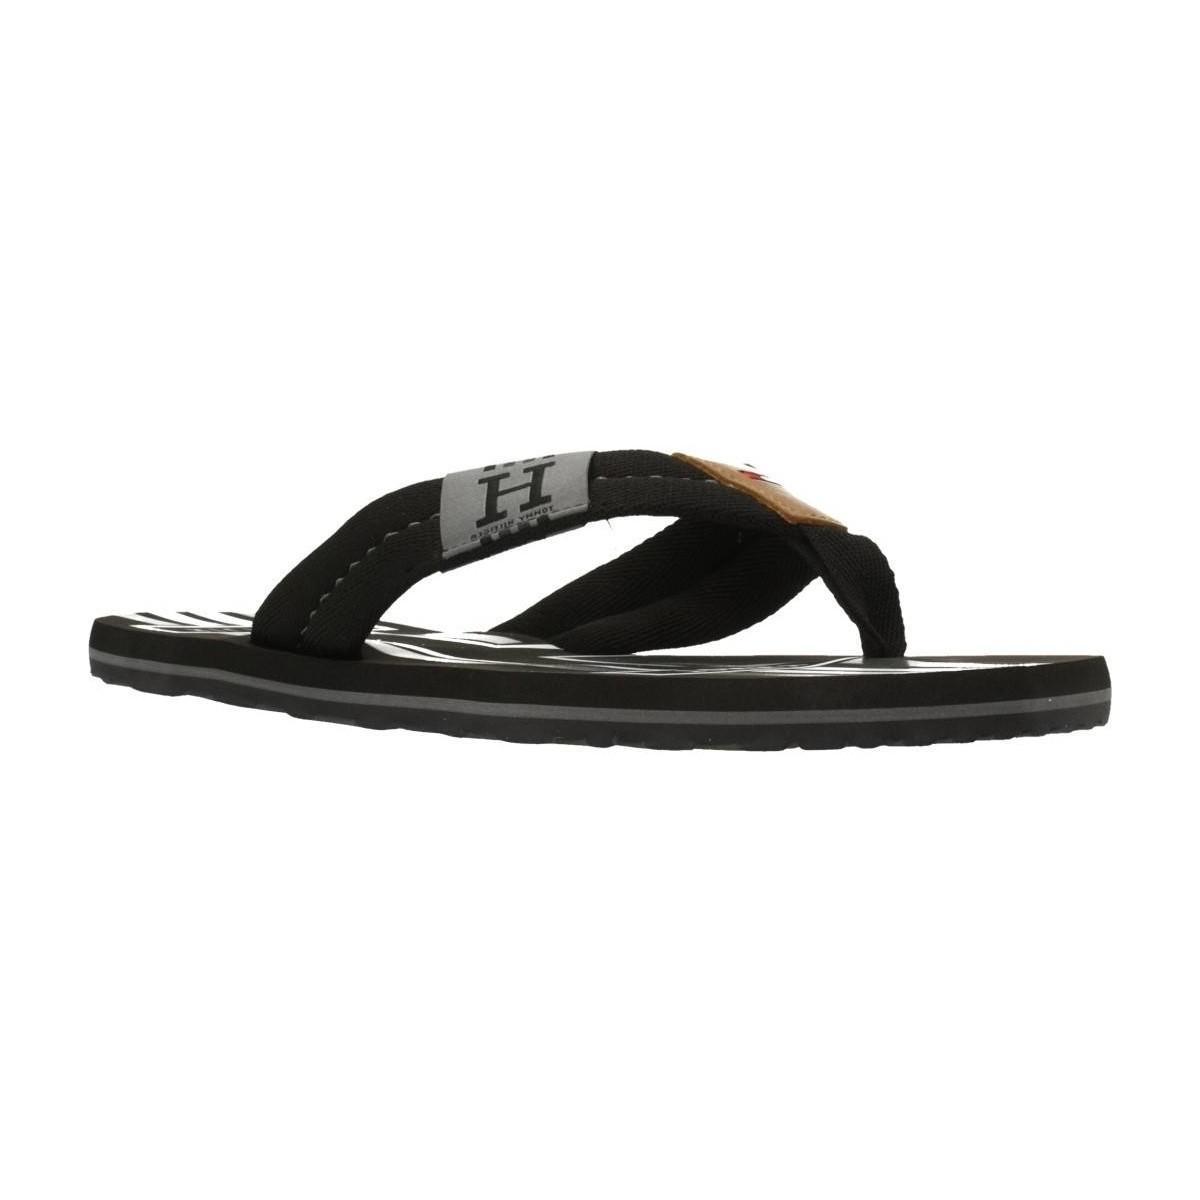 3bbf02ef9e5 Tommy Hilfiger. Badge Textile Beach Sand Men s Flip Flops   Sandals ...